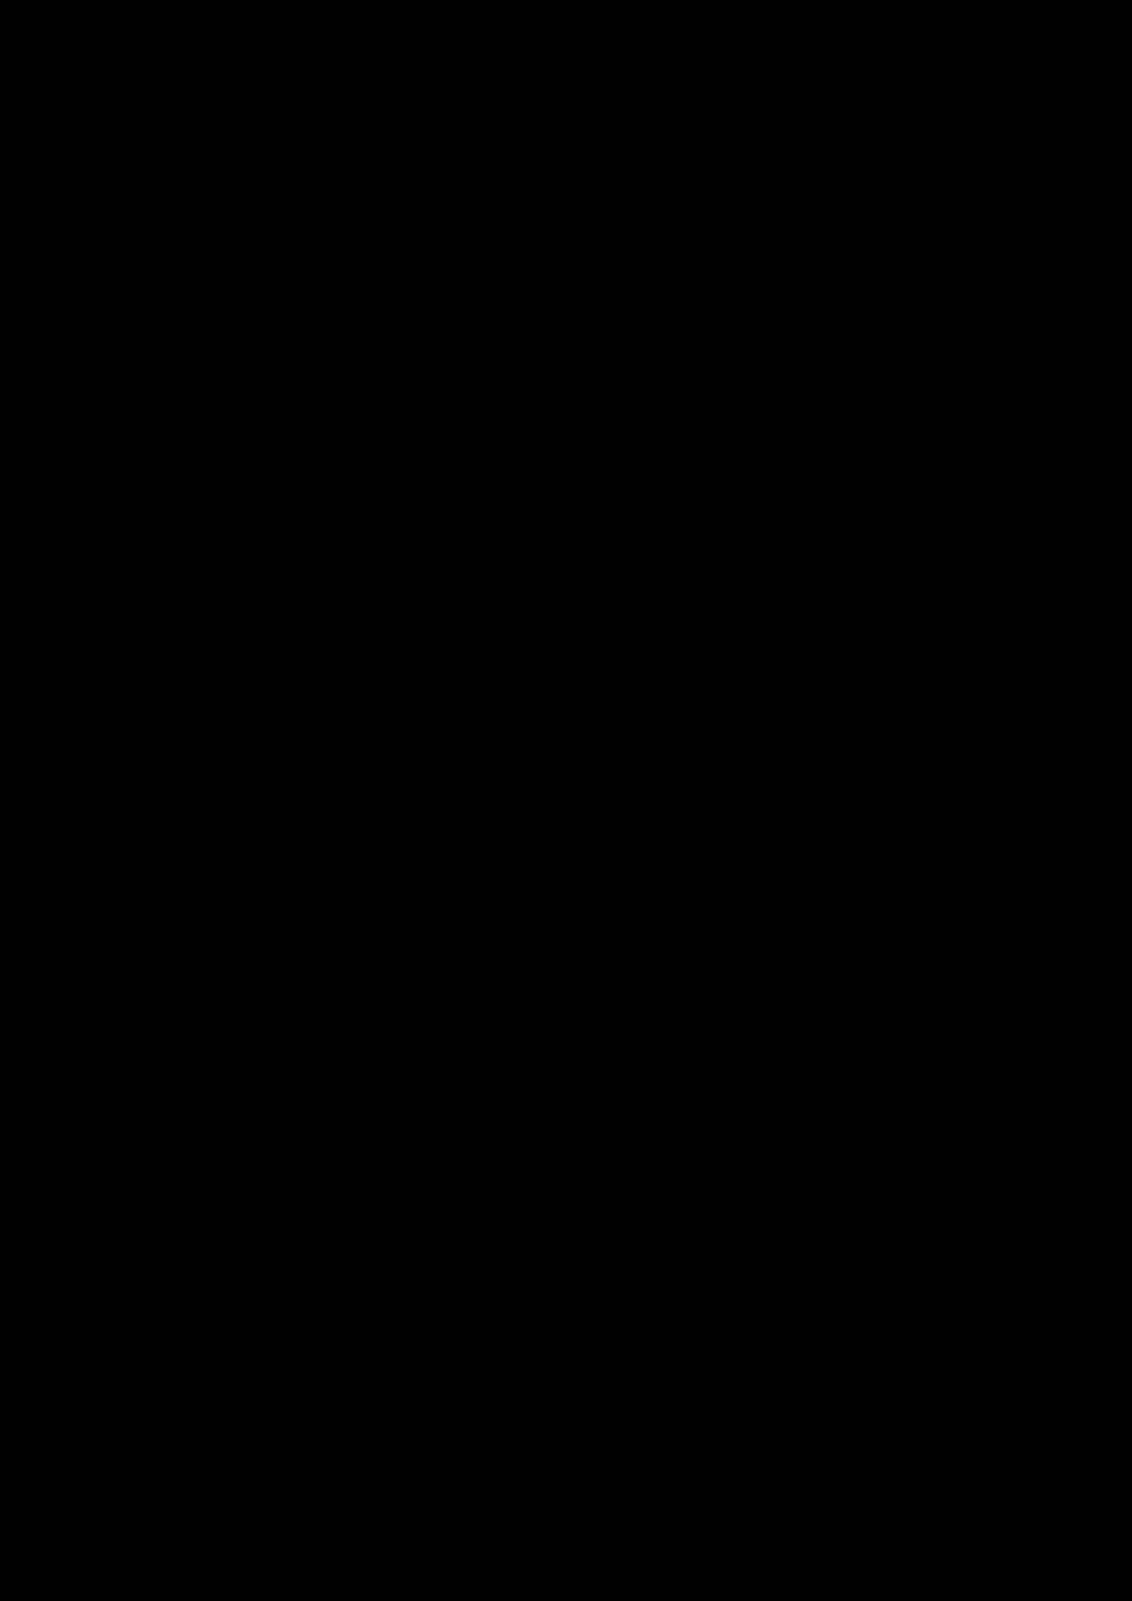 Osobyiy Rezon slide, Image 2